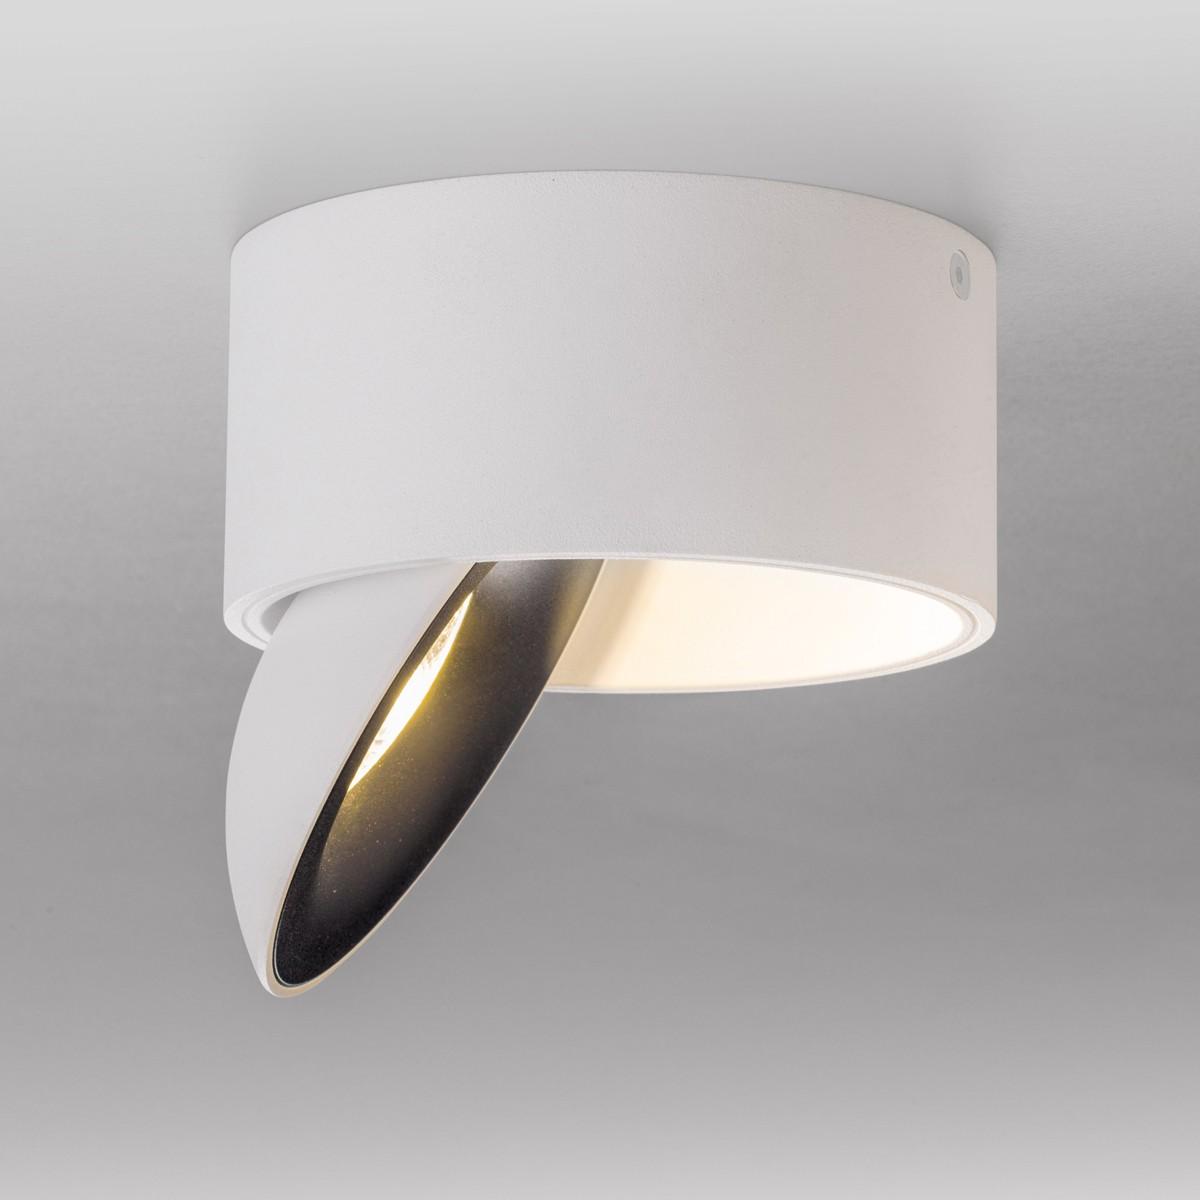 Lupia Licht Saturn LED Deckenstrahler, weiß